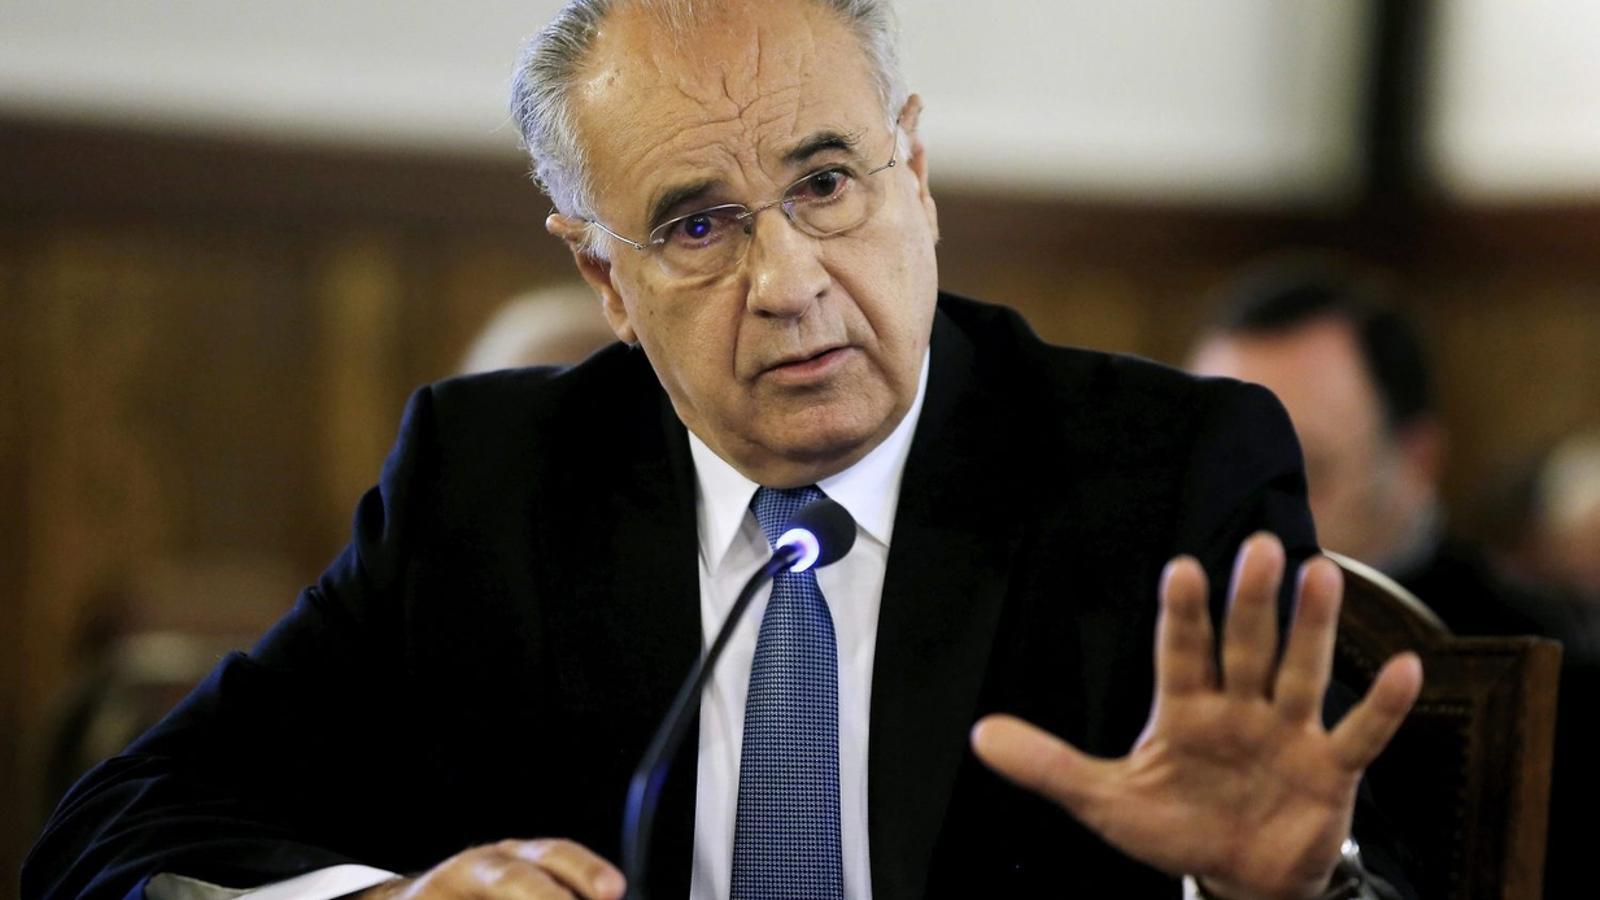 L'exconseller valencià Rafael Blasco obté el tercer grau penitenciari